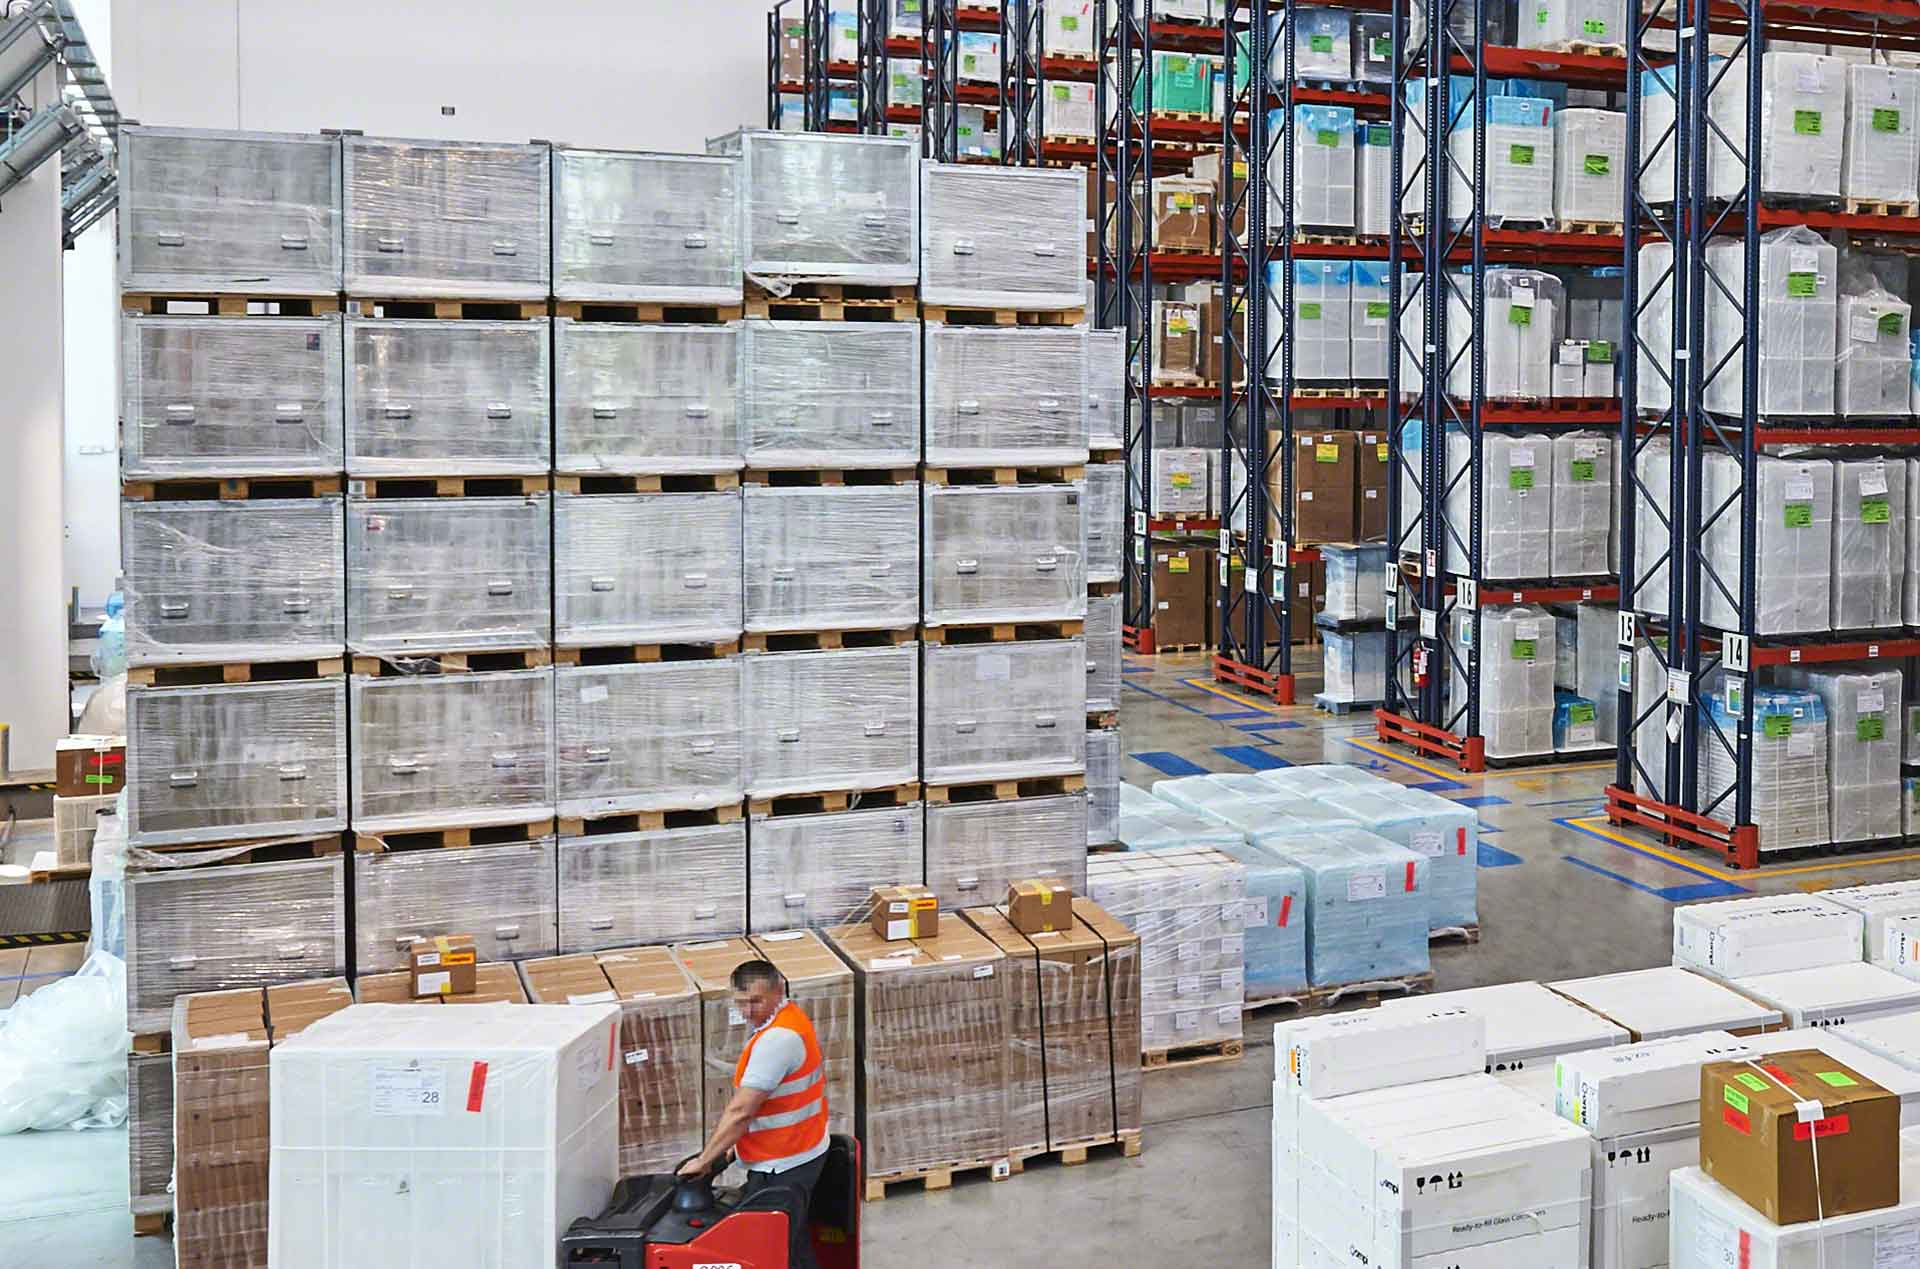 El almacenamiento en bloque consiste en apilar la mercadería en el suelo del depósito